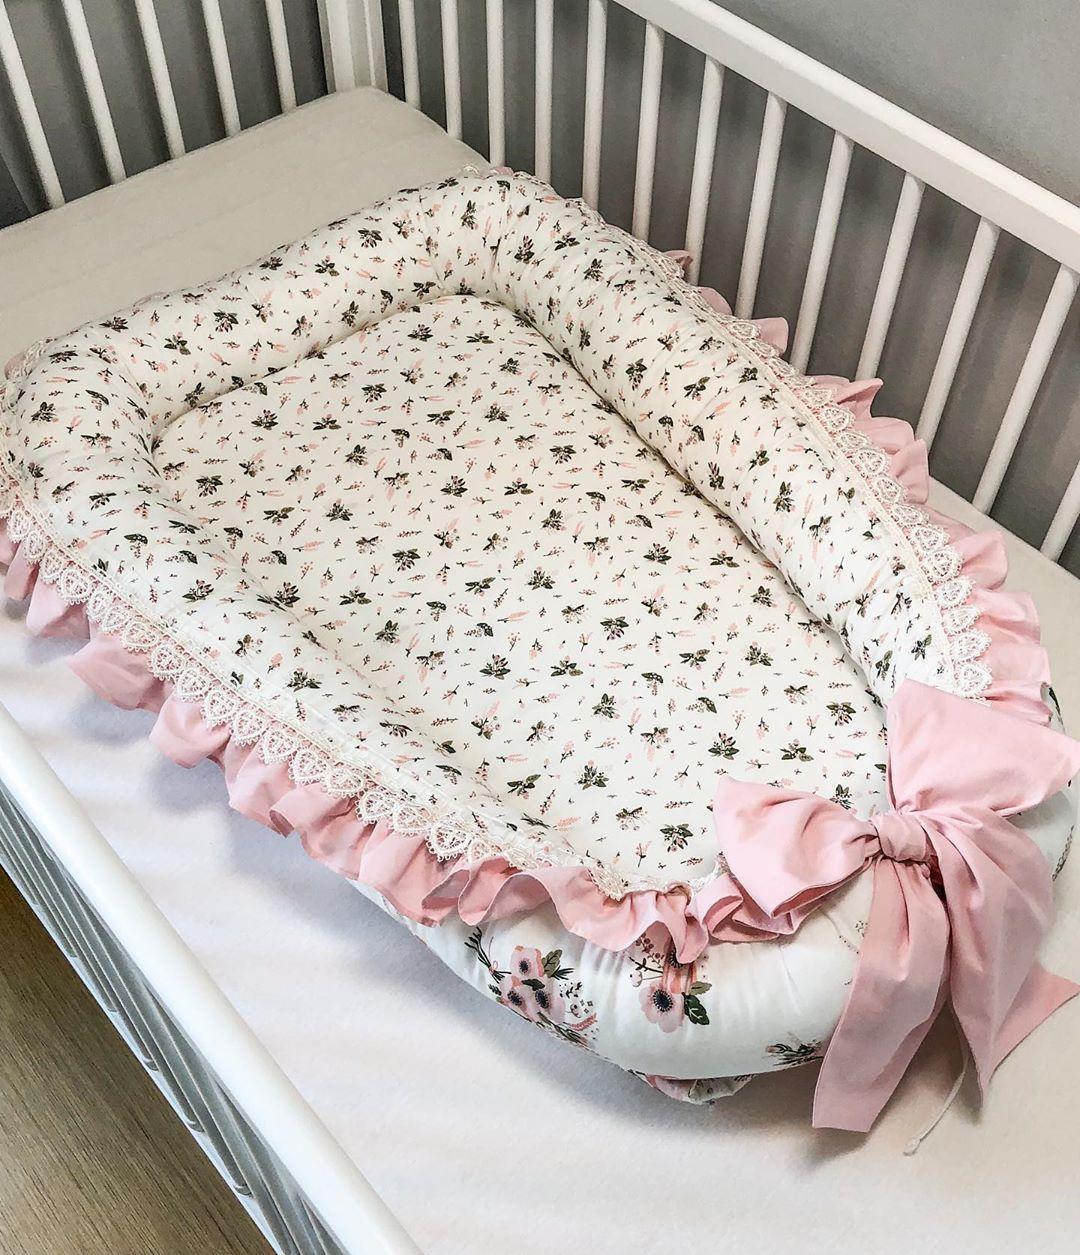 Bettnest Babynest Bettwaesche On Instagram Verkauft 94 Zzgl Versand Es Ist Wieder Ein Schones Babynestchen Baby Nestchen Bettnestchen Kleinkinderbett